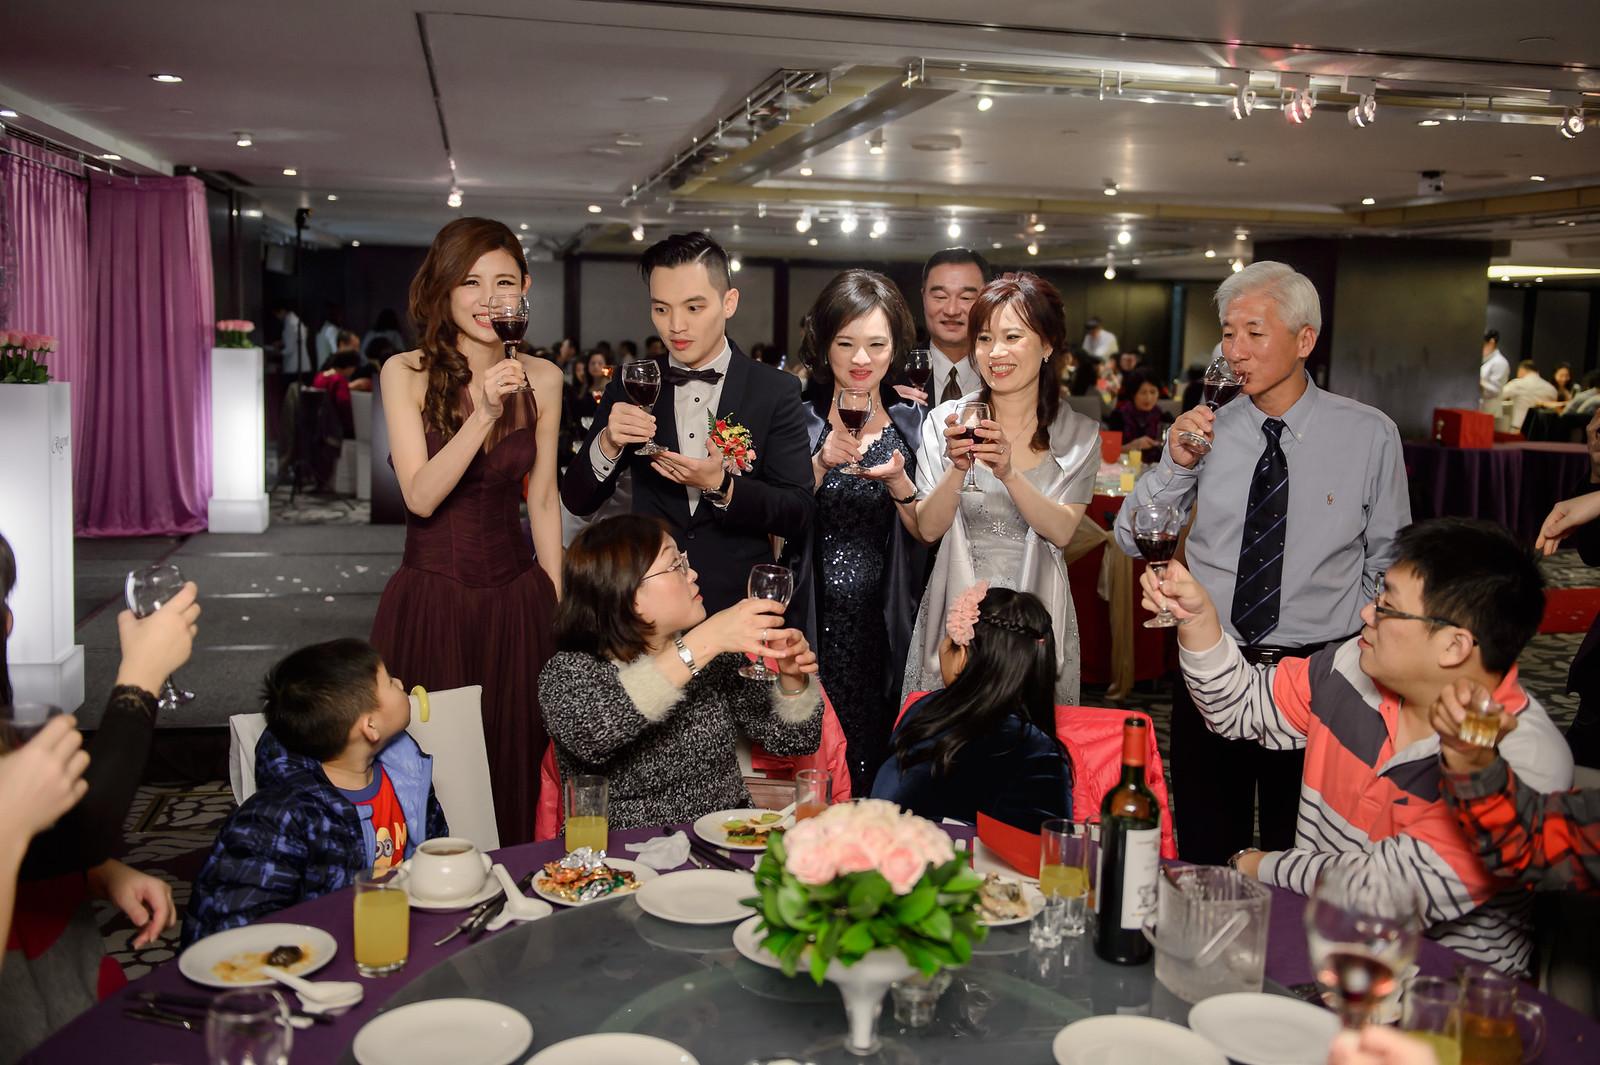 台北婚攝, 婚禮攝影, 婚攝, 婚攝守恆, 婚攝推薦, 晶華酒店, 晶華酒店婚宴, 晶華酒店婚攝-96